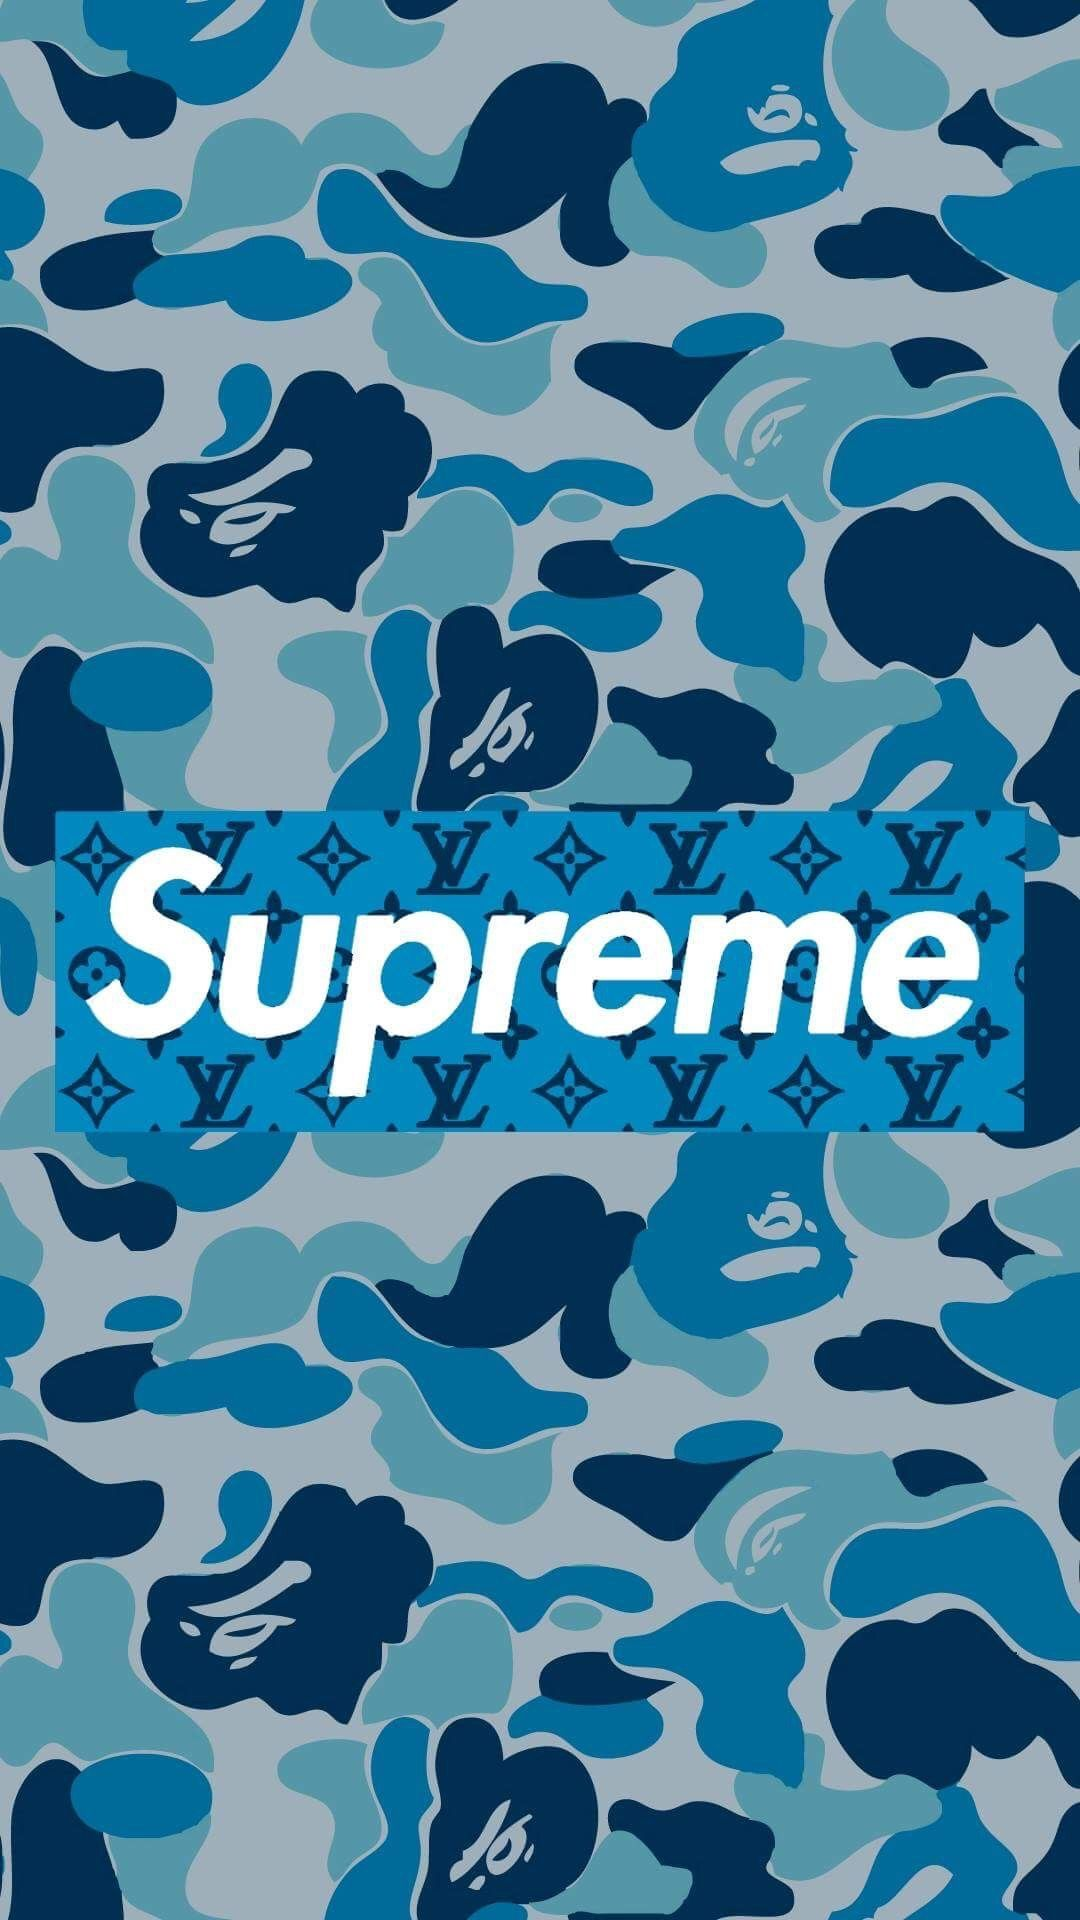 Bape Supreme Wallpaper Ios in 2020 Supreme wallpaper